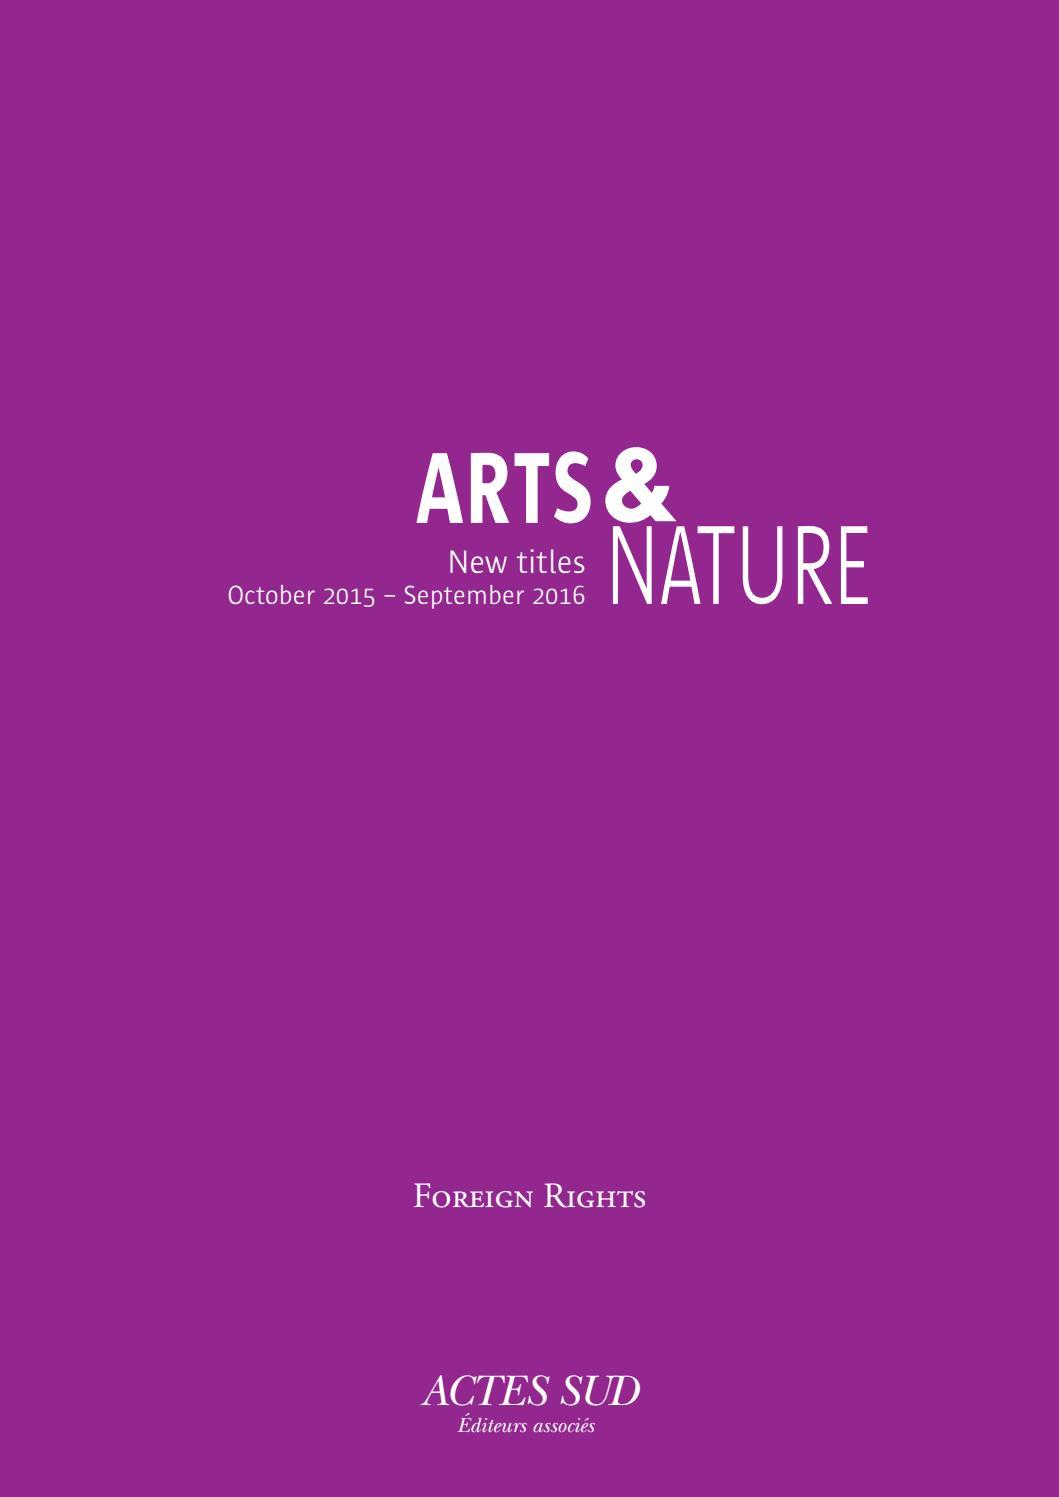 Imprimerie De L Ouest Parisien catalog 2016 arts and nature – foreign rightsactes sud